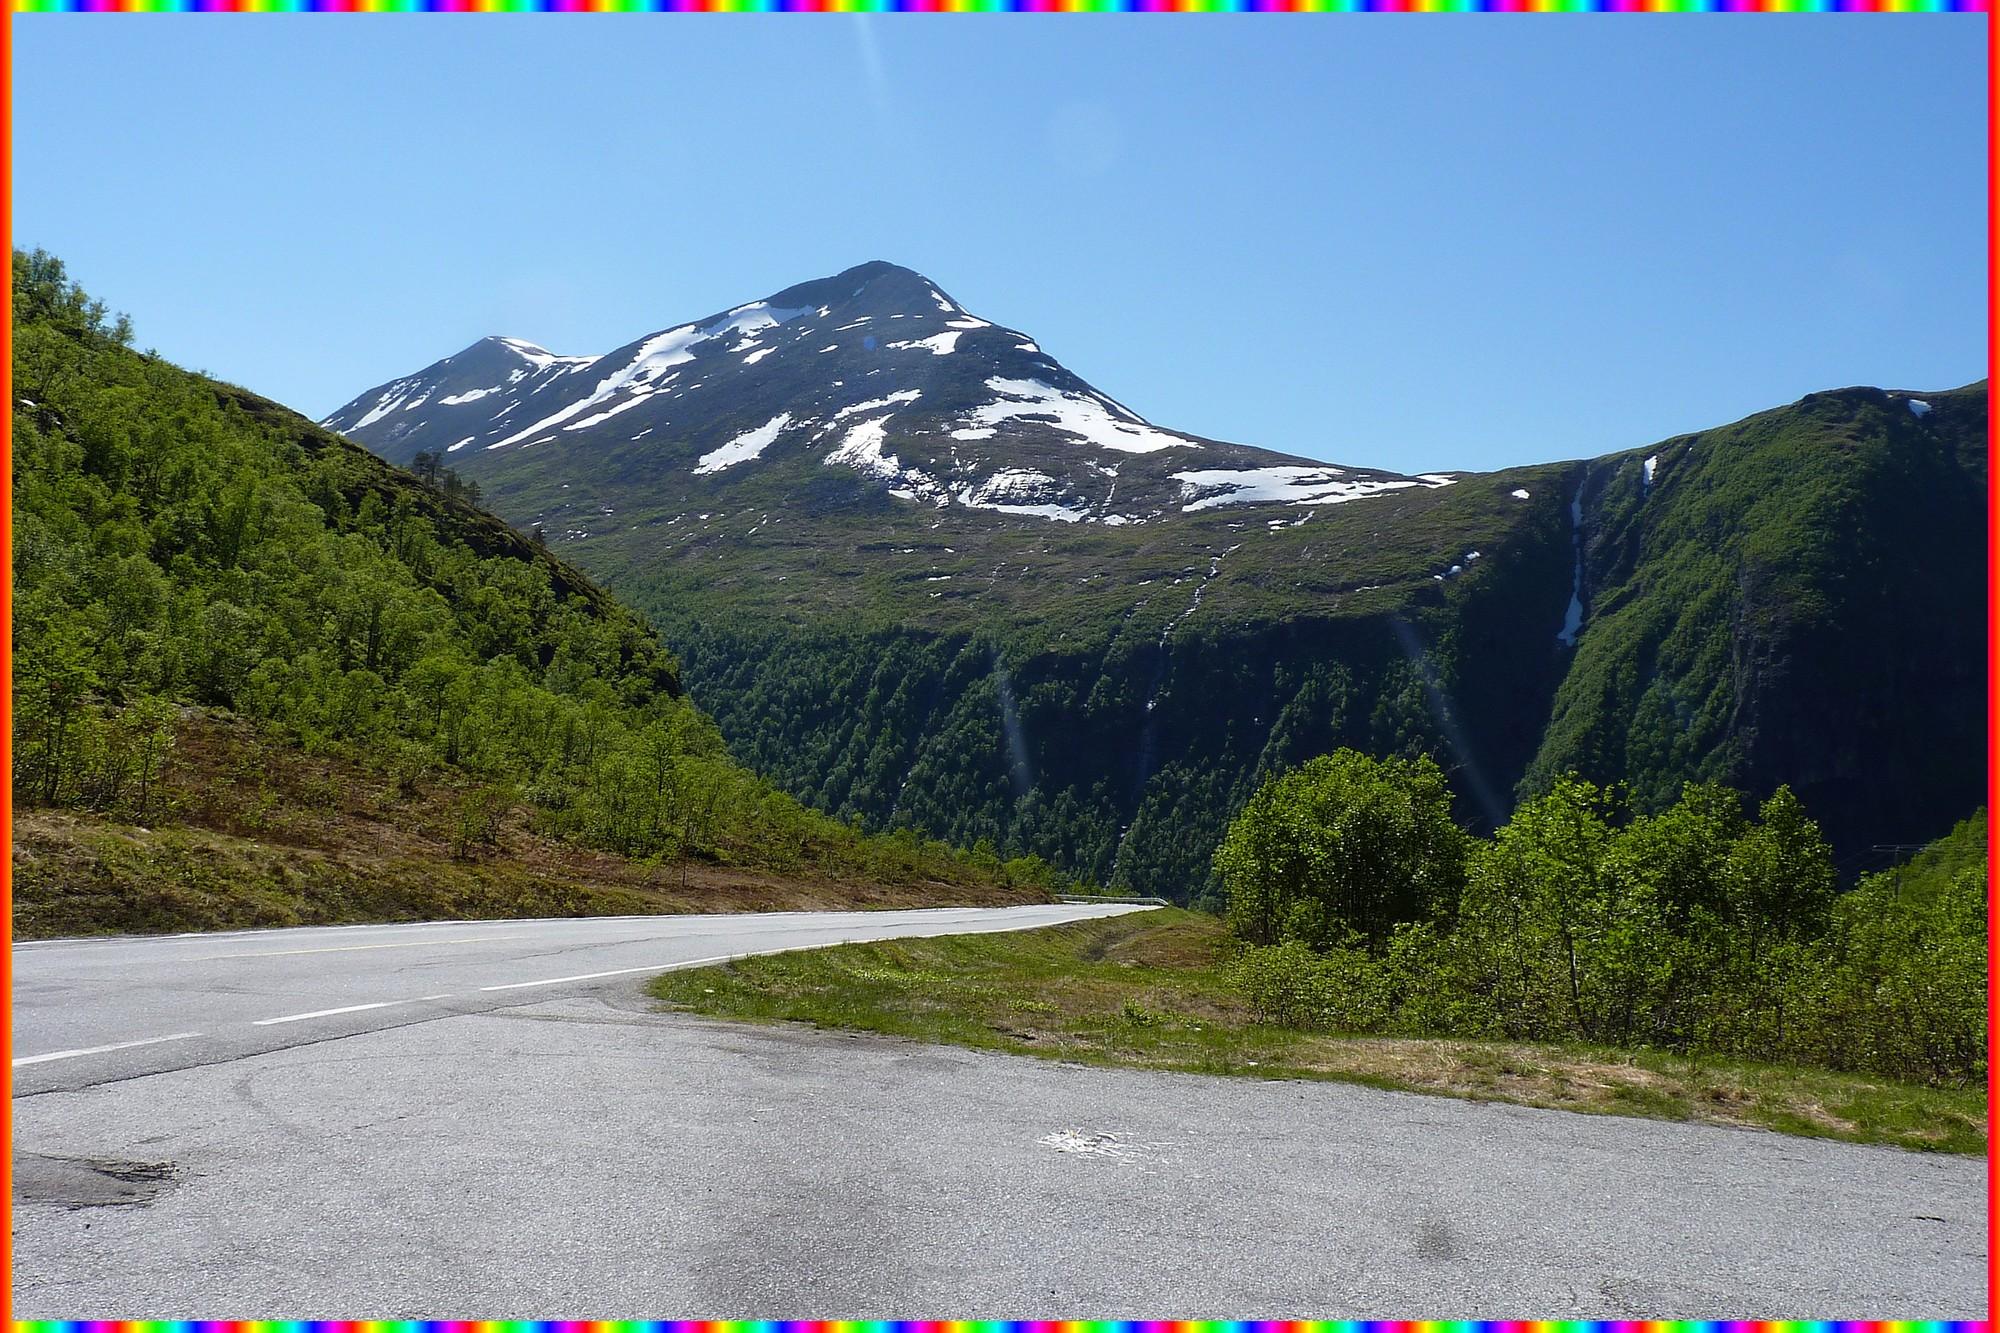 La route du Vistalen entre l'Eresfjorden et le Langfjorden